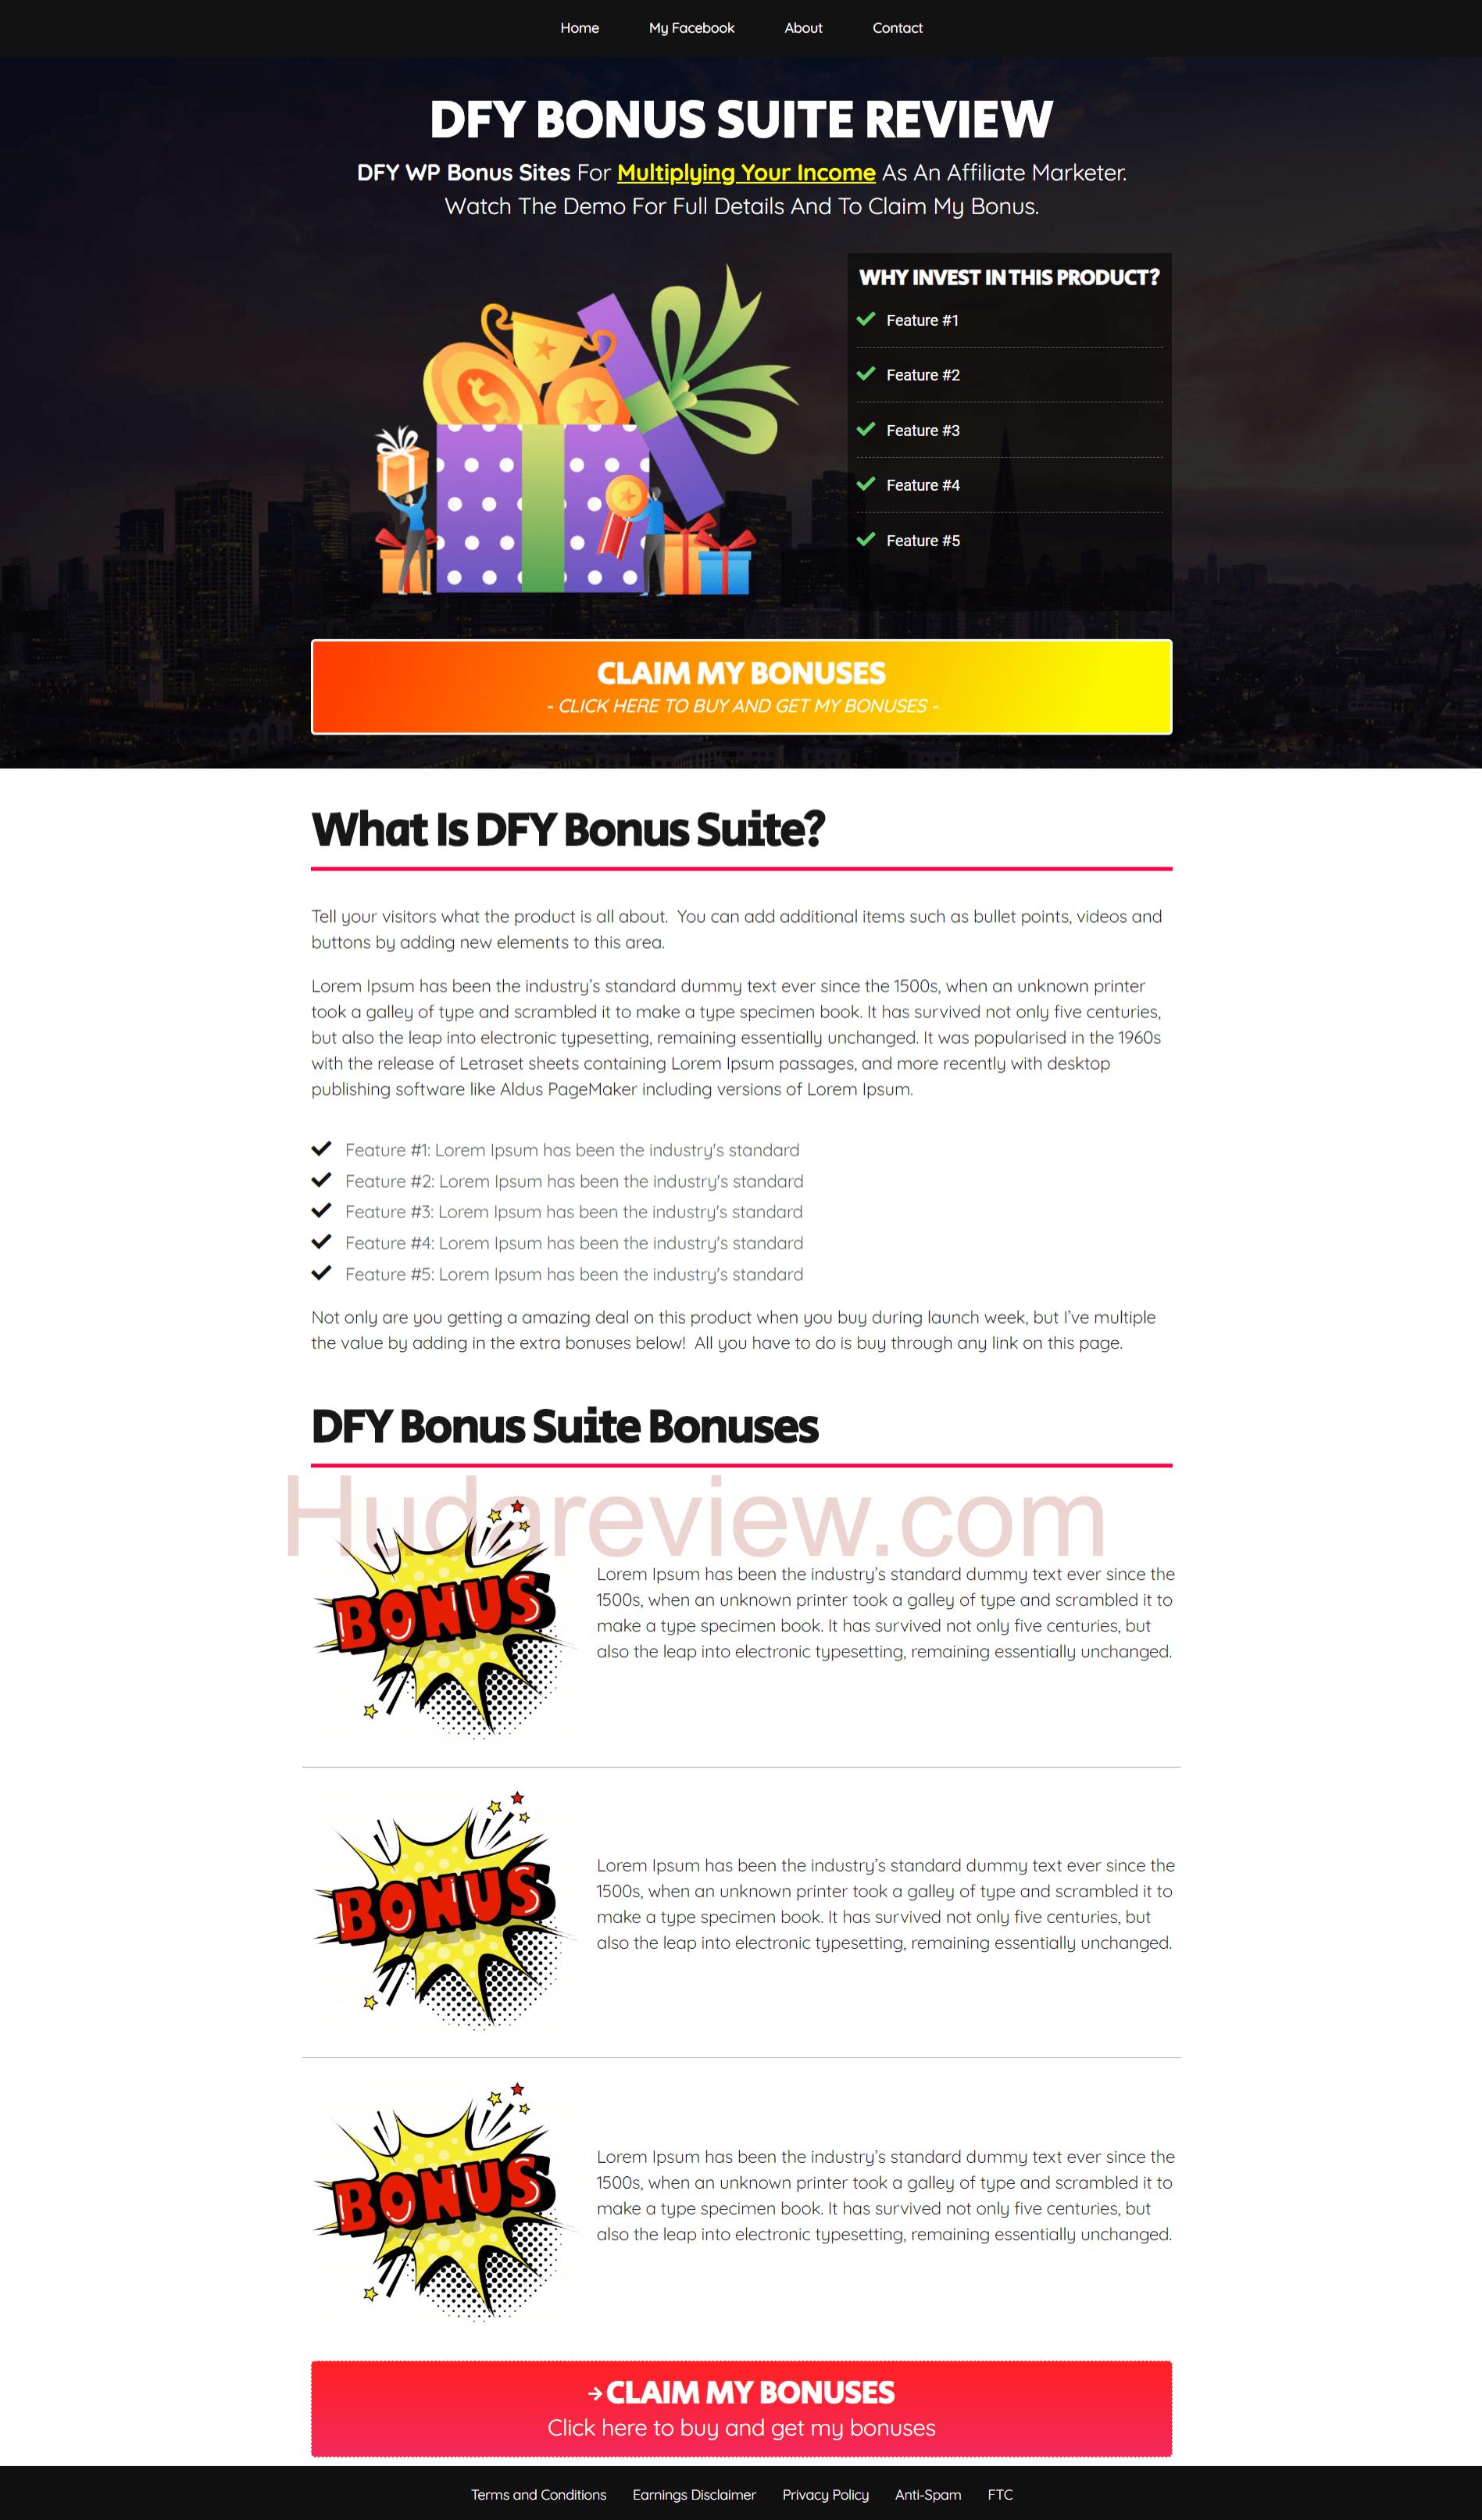 DFY-Bonus-Suite-Sample-3